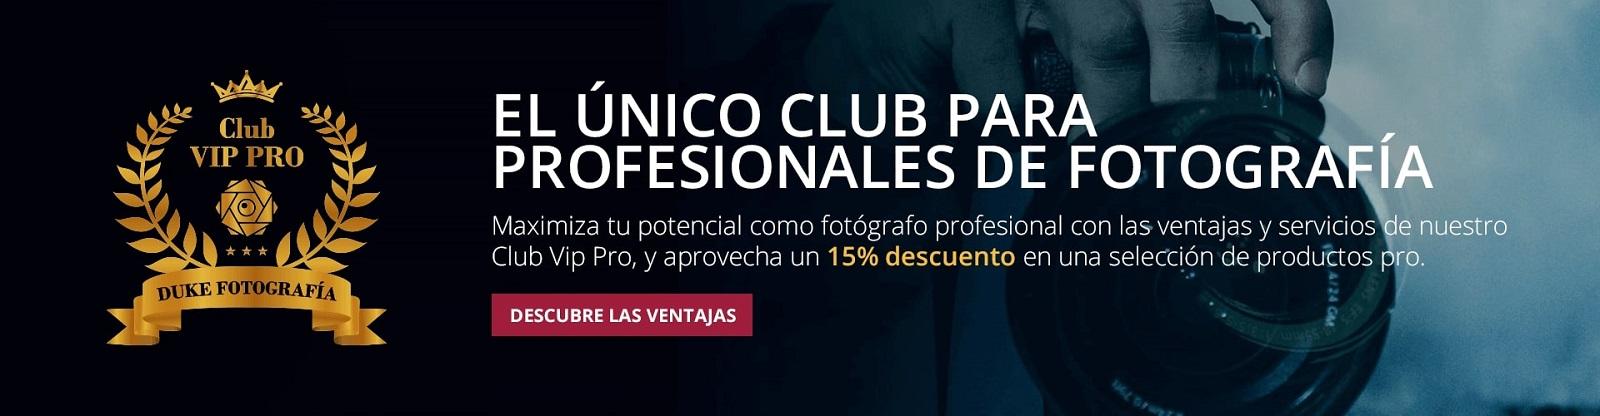 CLub VIP PRO